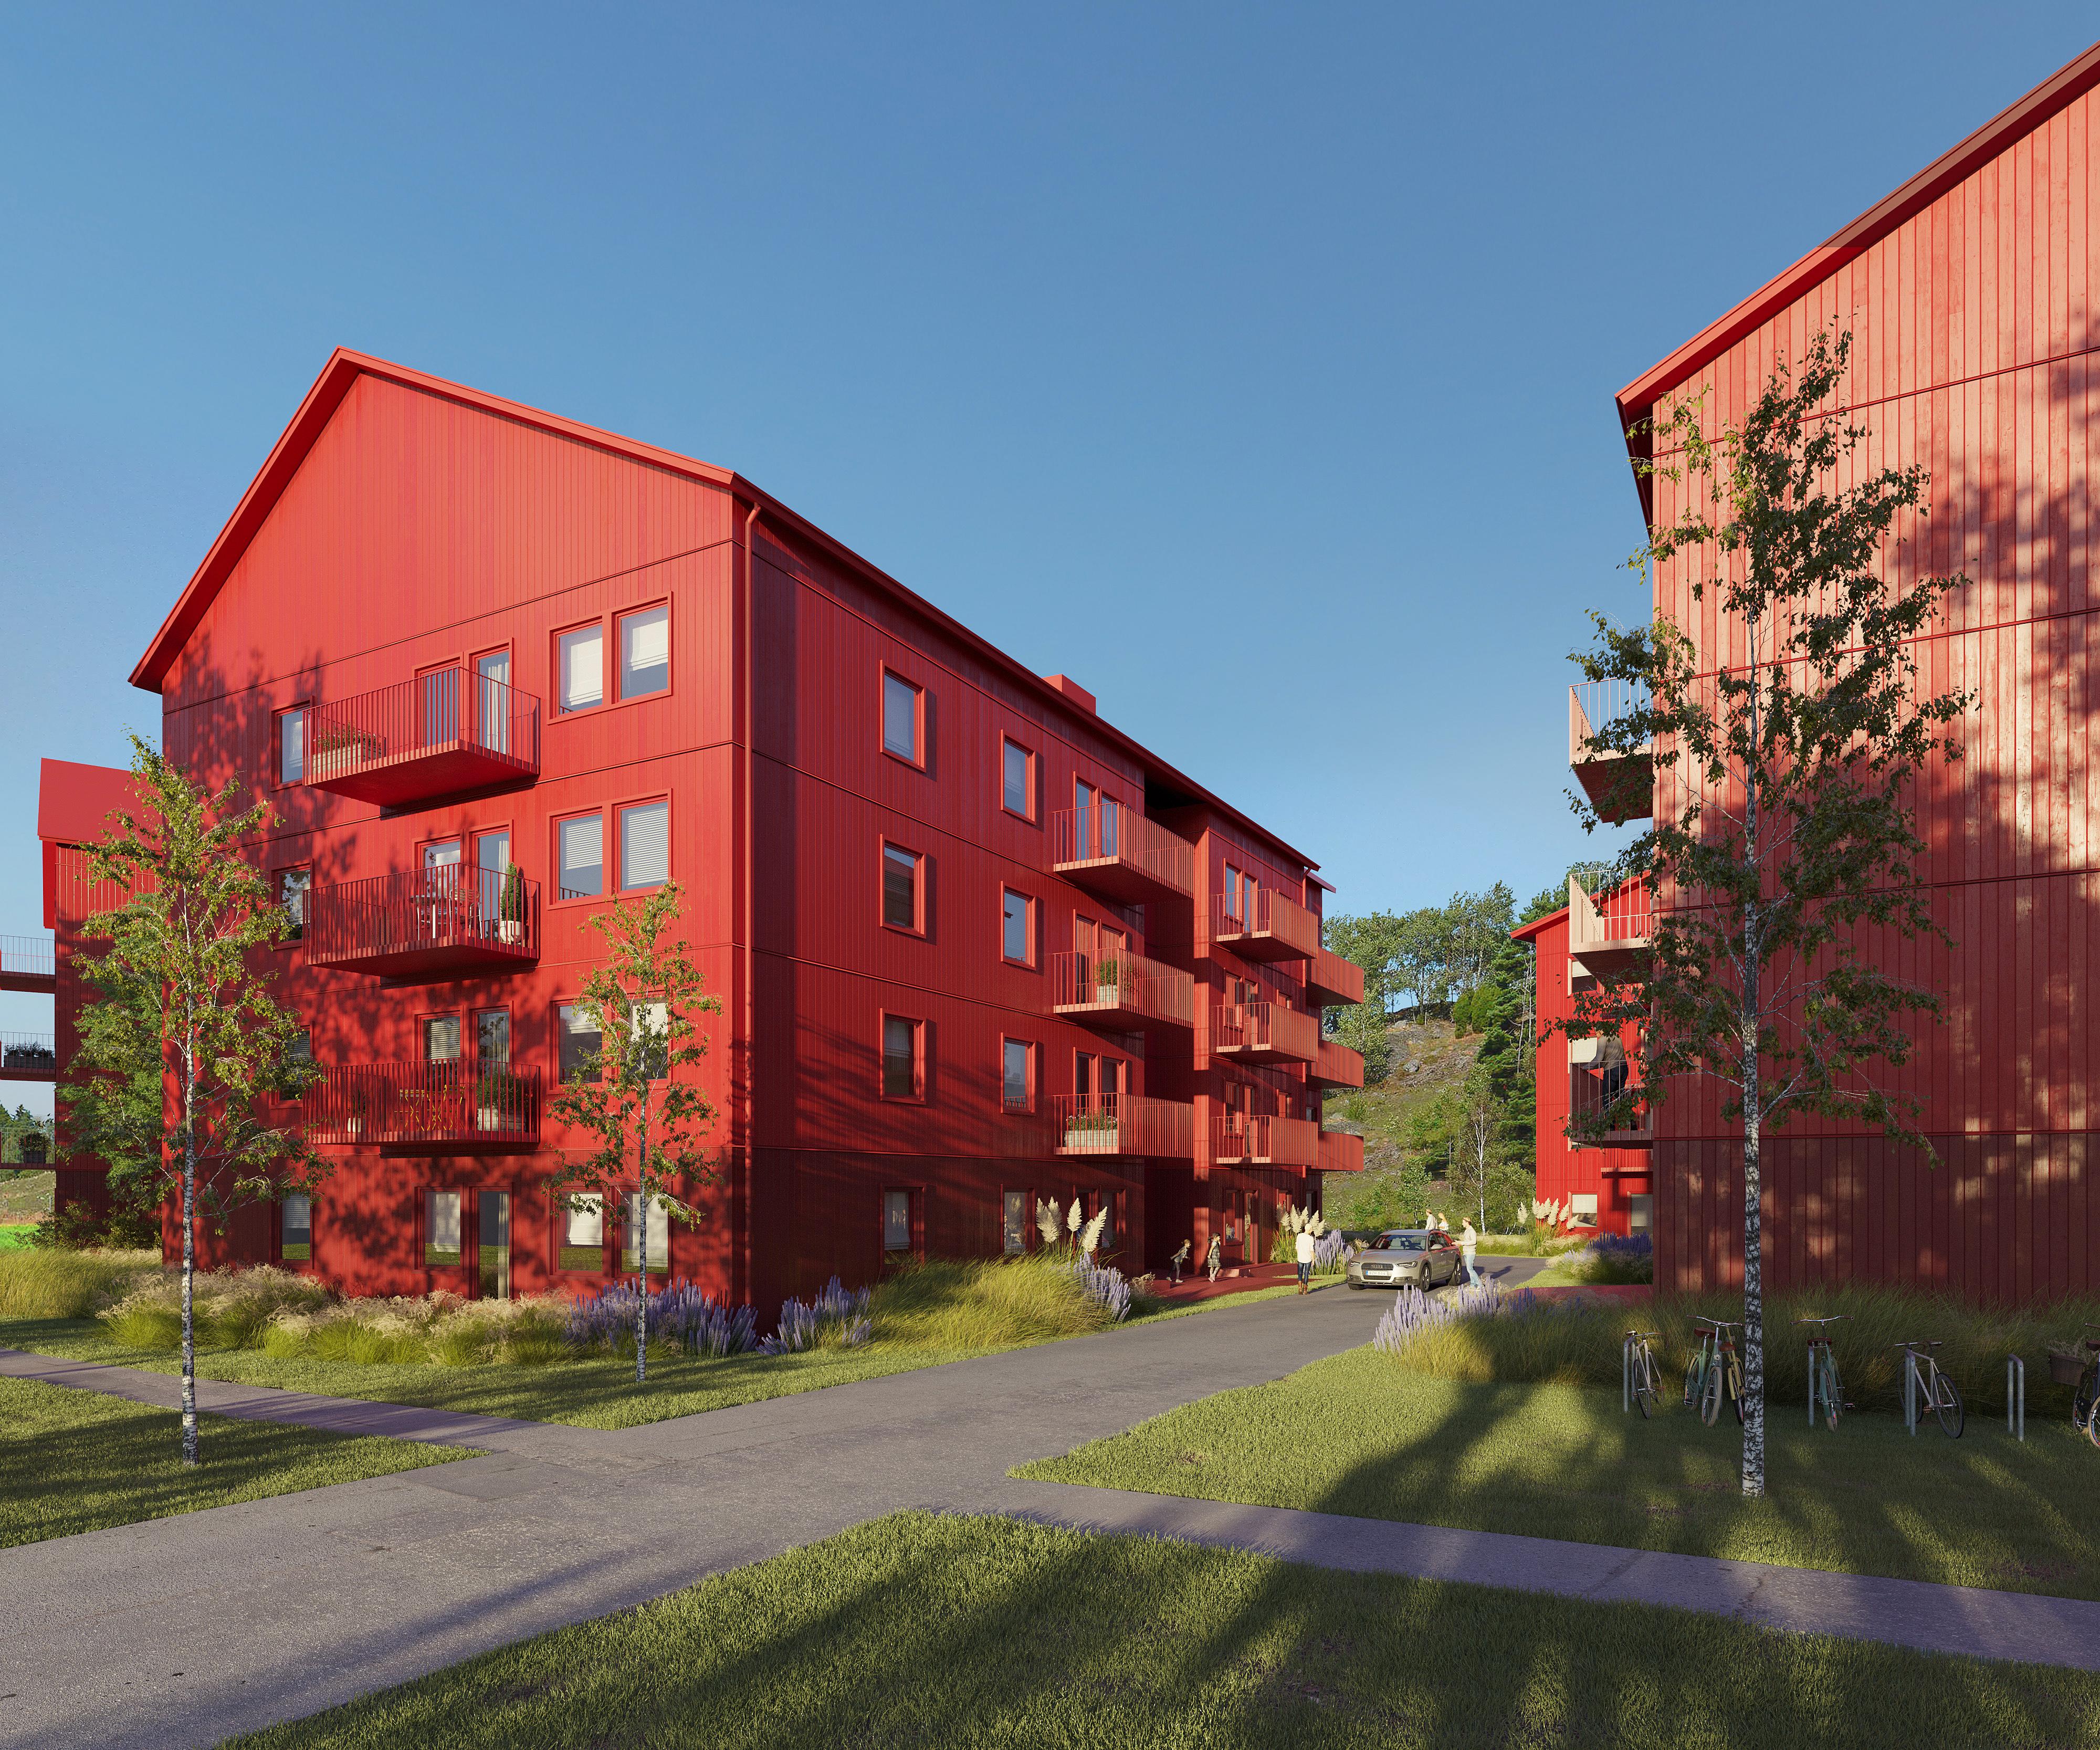 Charlotte Nygren, Dalhuggevägen 36, Ingarö | tapissier-lanoe.com